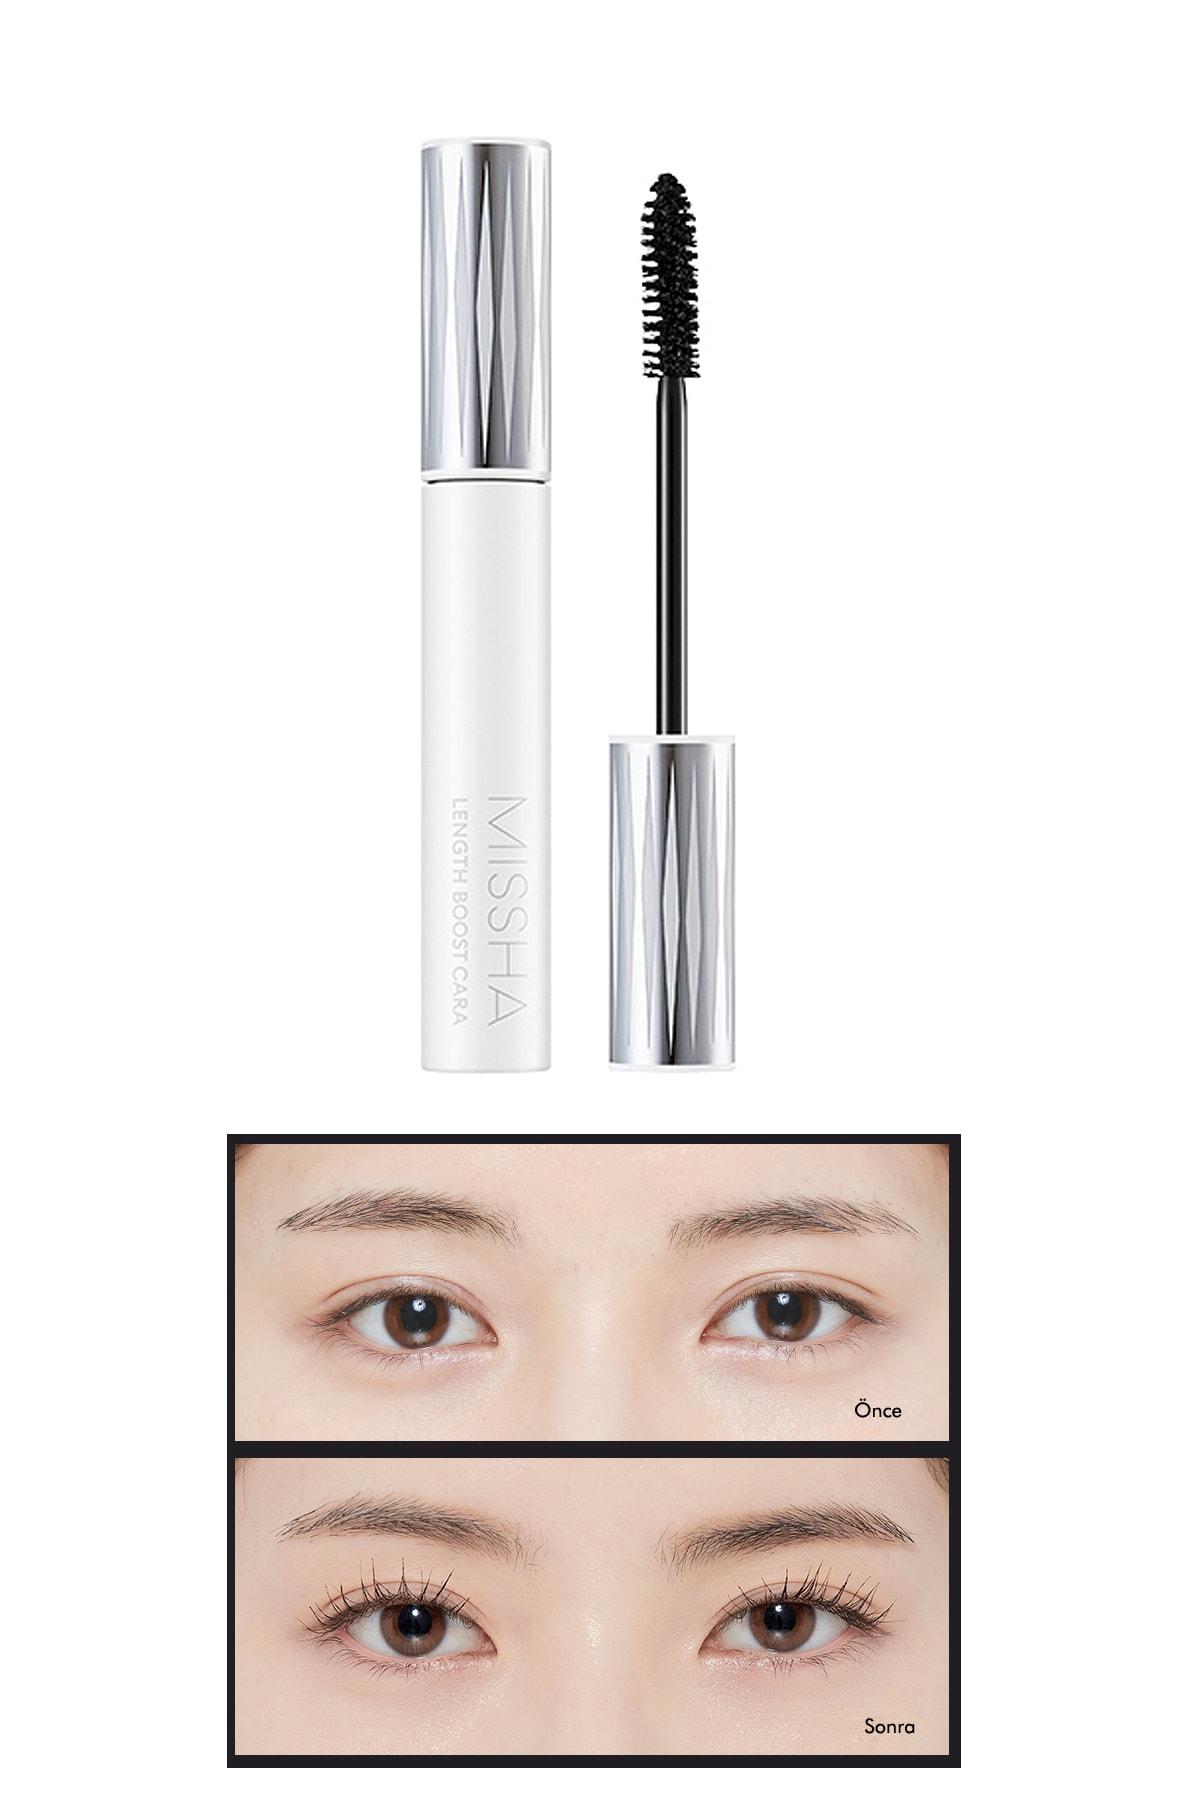 Missha Kısa Kirpikler için Uzunluk Sağlayan Maskara 8.5g MISSHA Lenght Boost Mascara 0